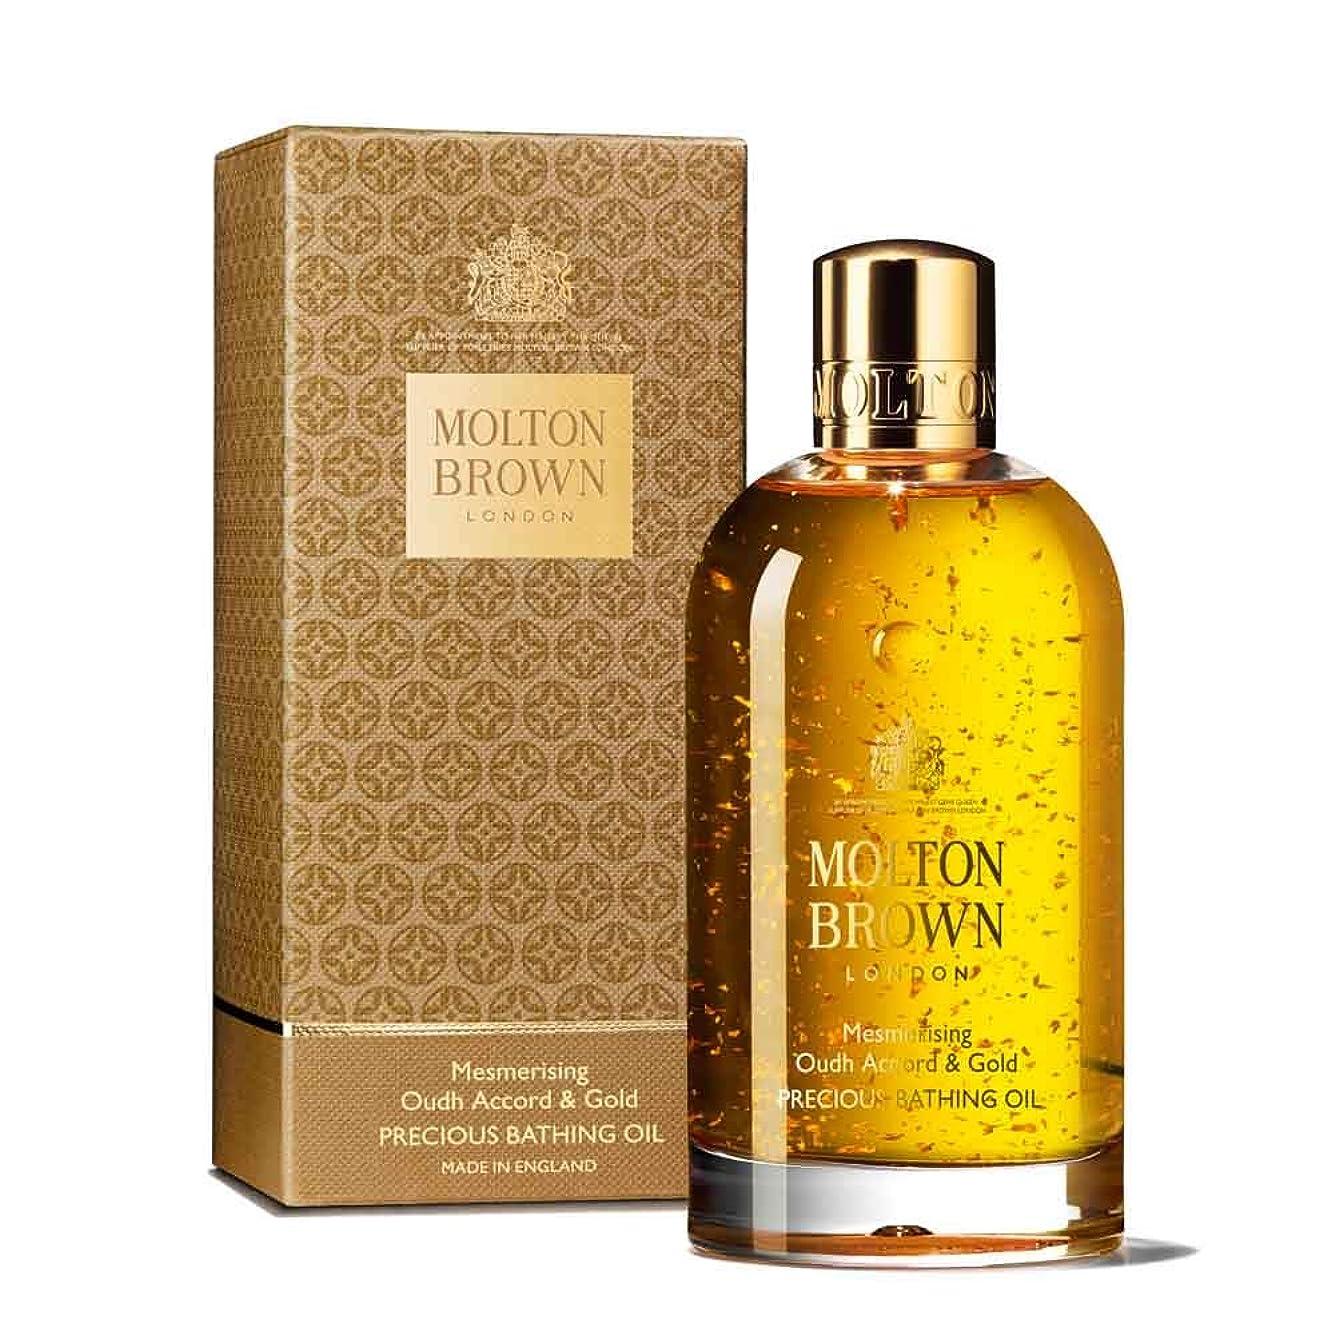 シミュレートする愛国的な地球MOLTON BROWN(モルトンブラウン) ウード?アコード&ゴールド コレクション OA&G ベージングオイル